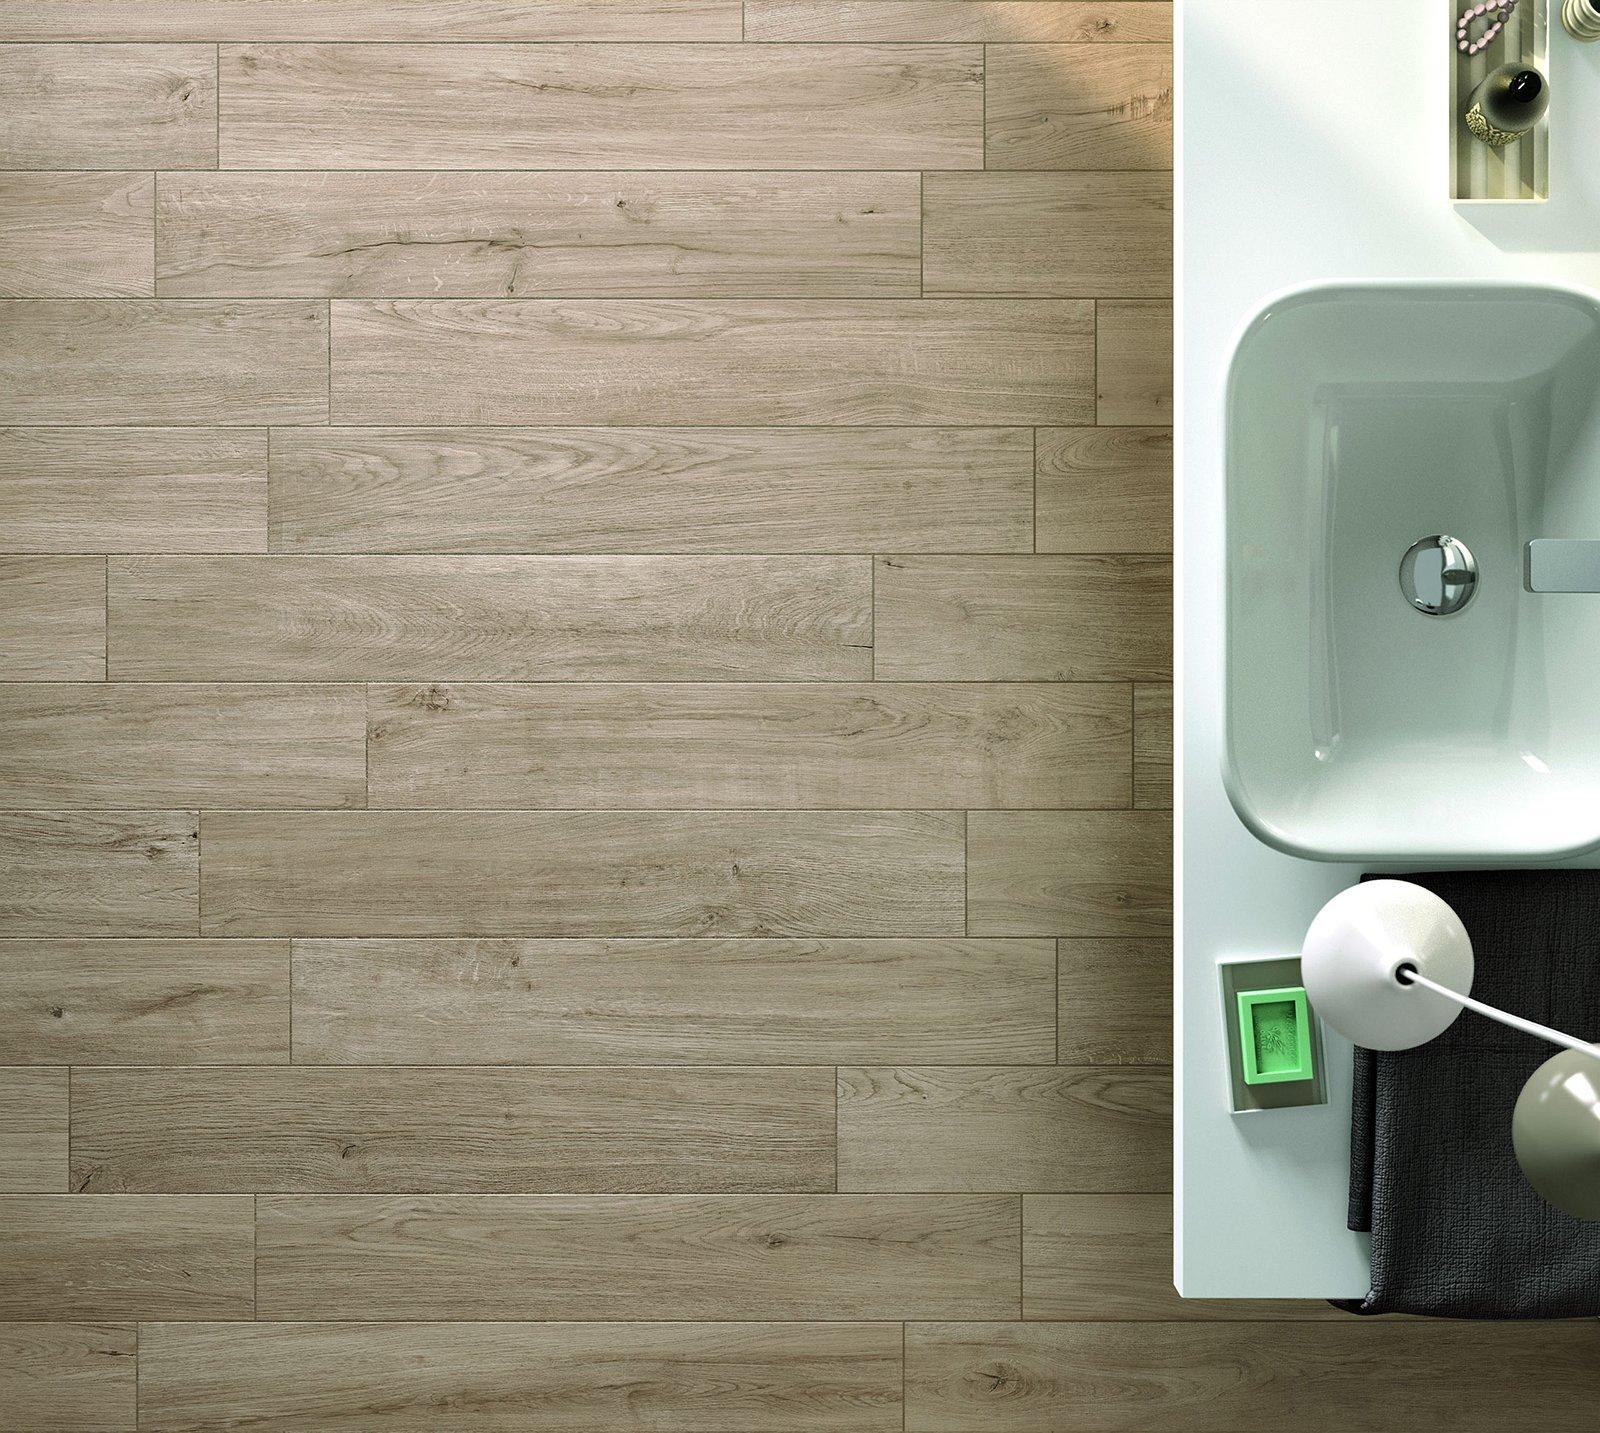 pavimenti per il bagno dal travertino al gres